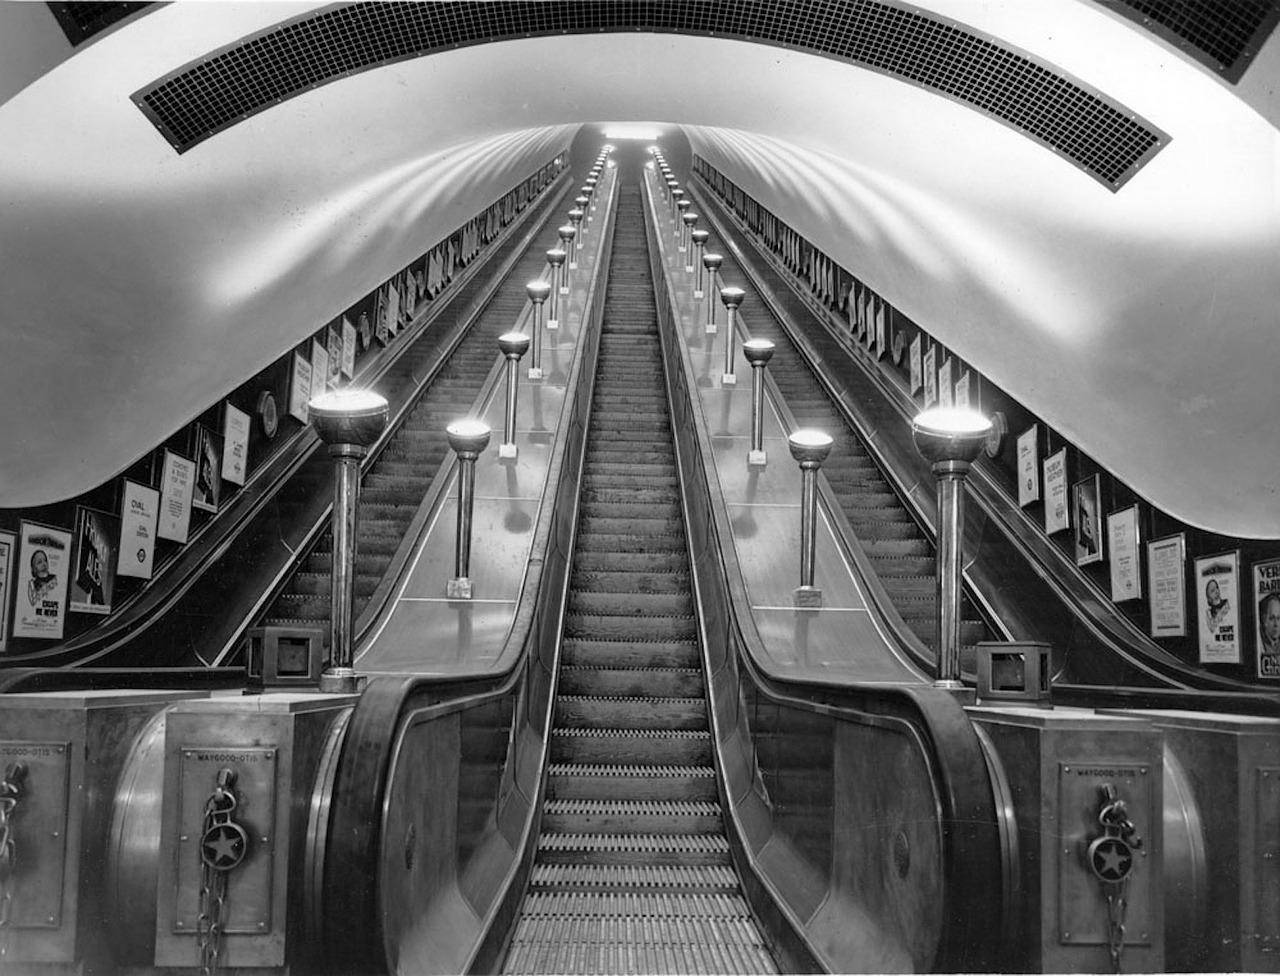 Escaleras mecánicas del Metro de Londres, freepik.es